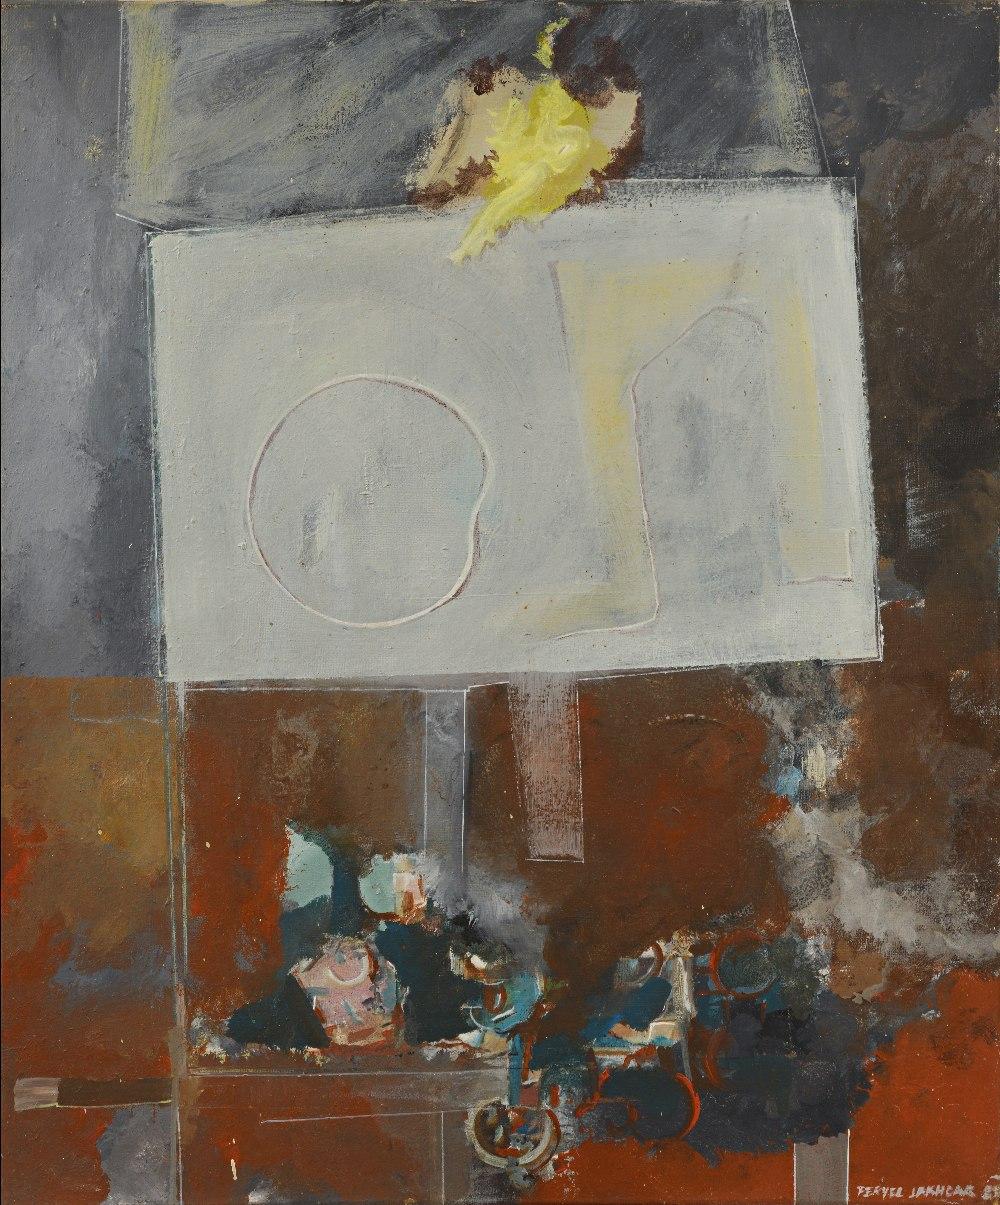 Fériel LAKHDAR (Tunis 1965)Atelier d'artisteHuile sur toile 64,5x54 cm Signé et daté en bas à droite